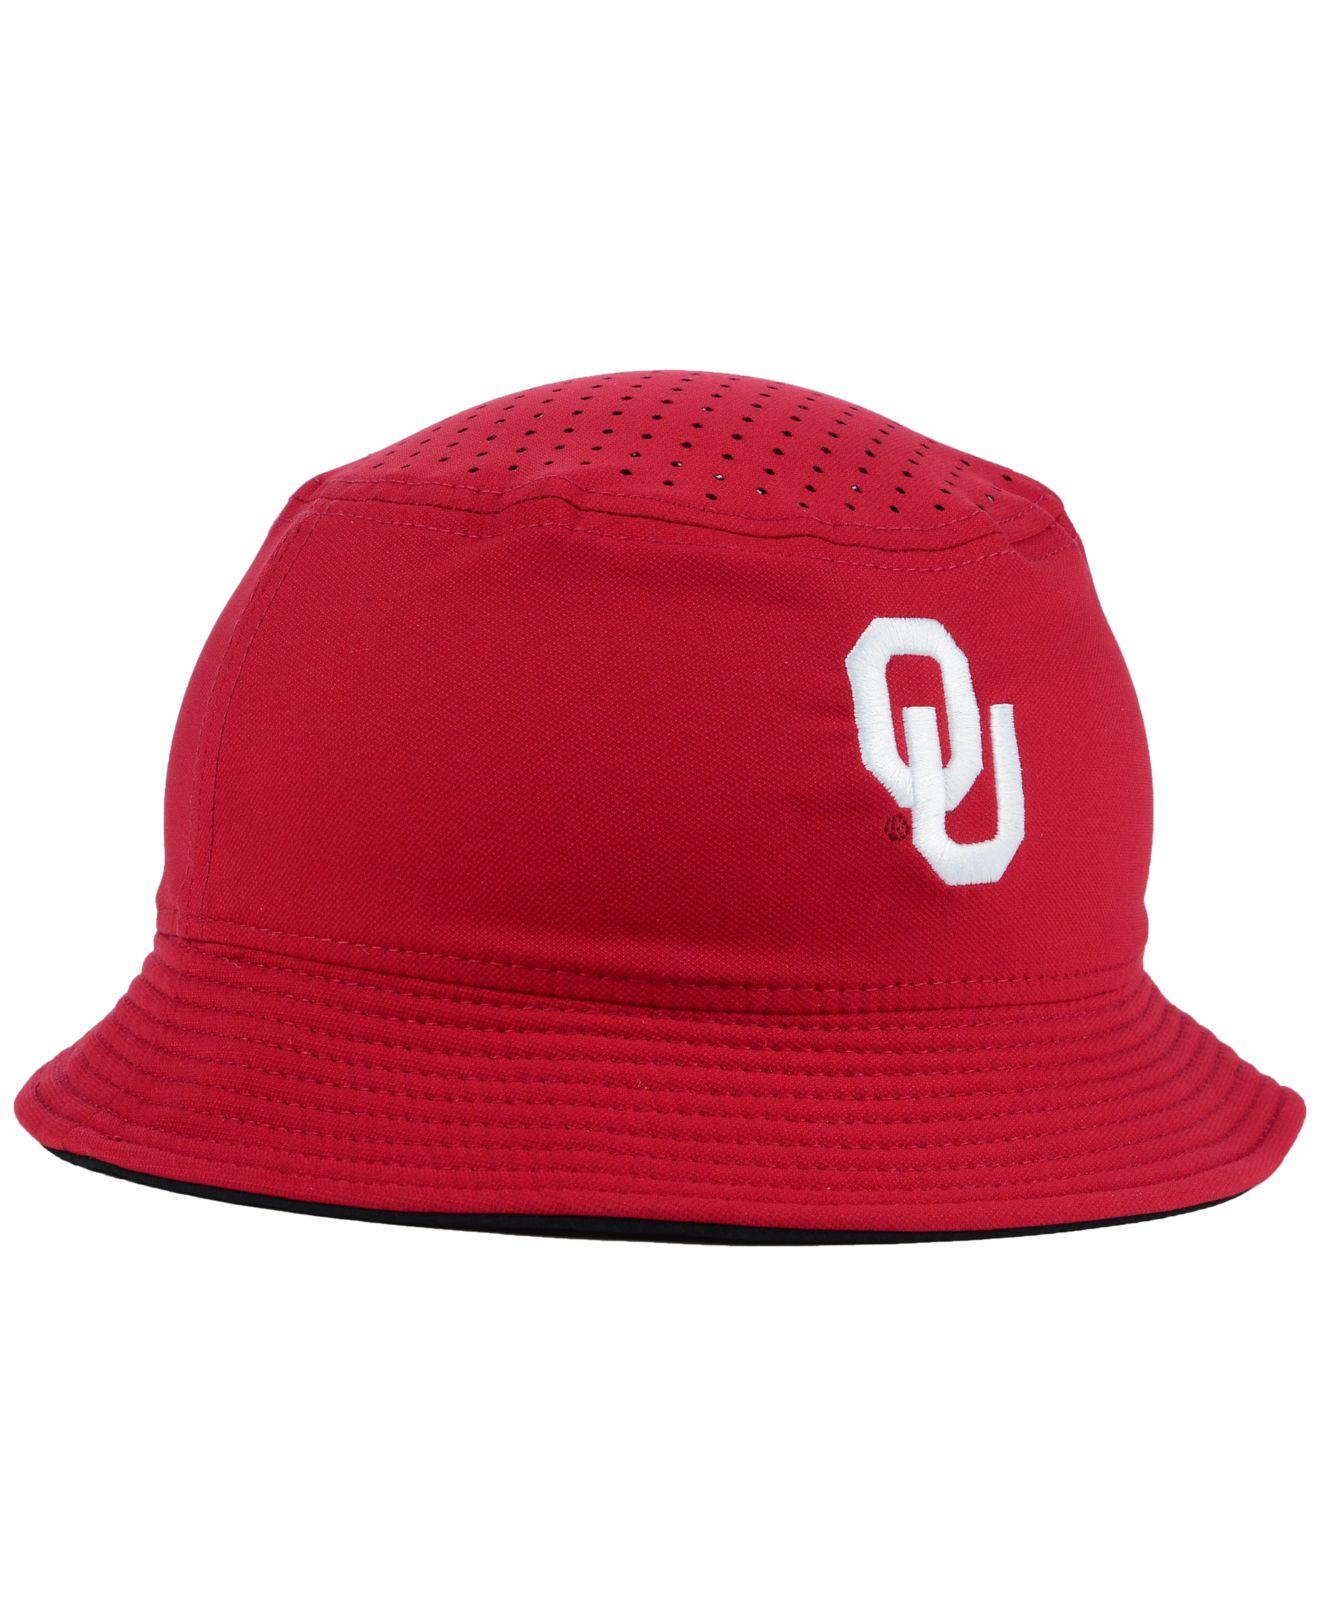 Lyst - Nike Oklahoma Sooners Vapor Bucket Hat in Purple for Men d9379501a